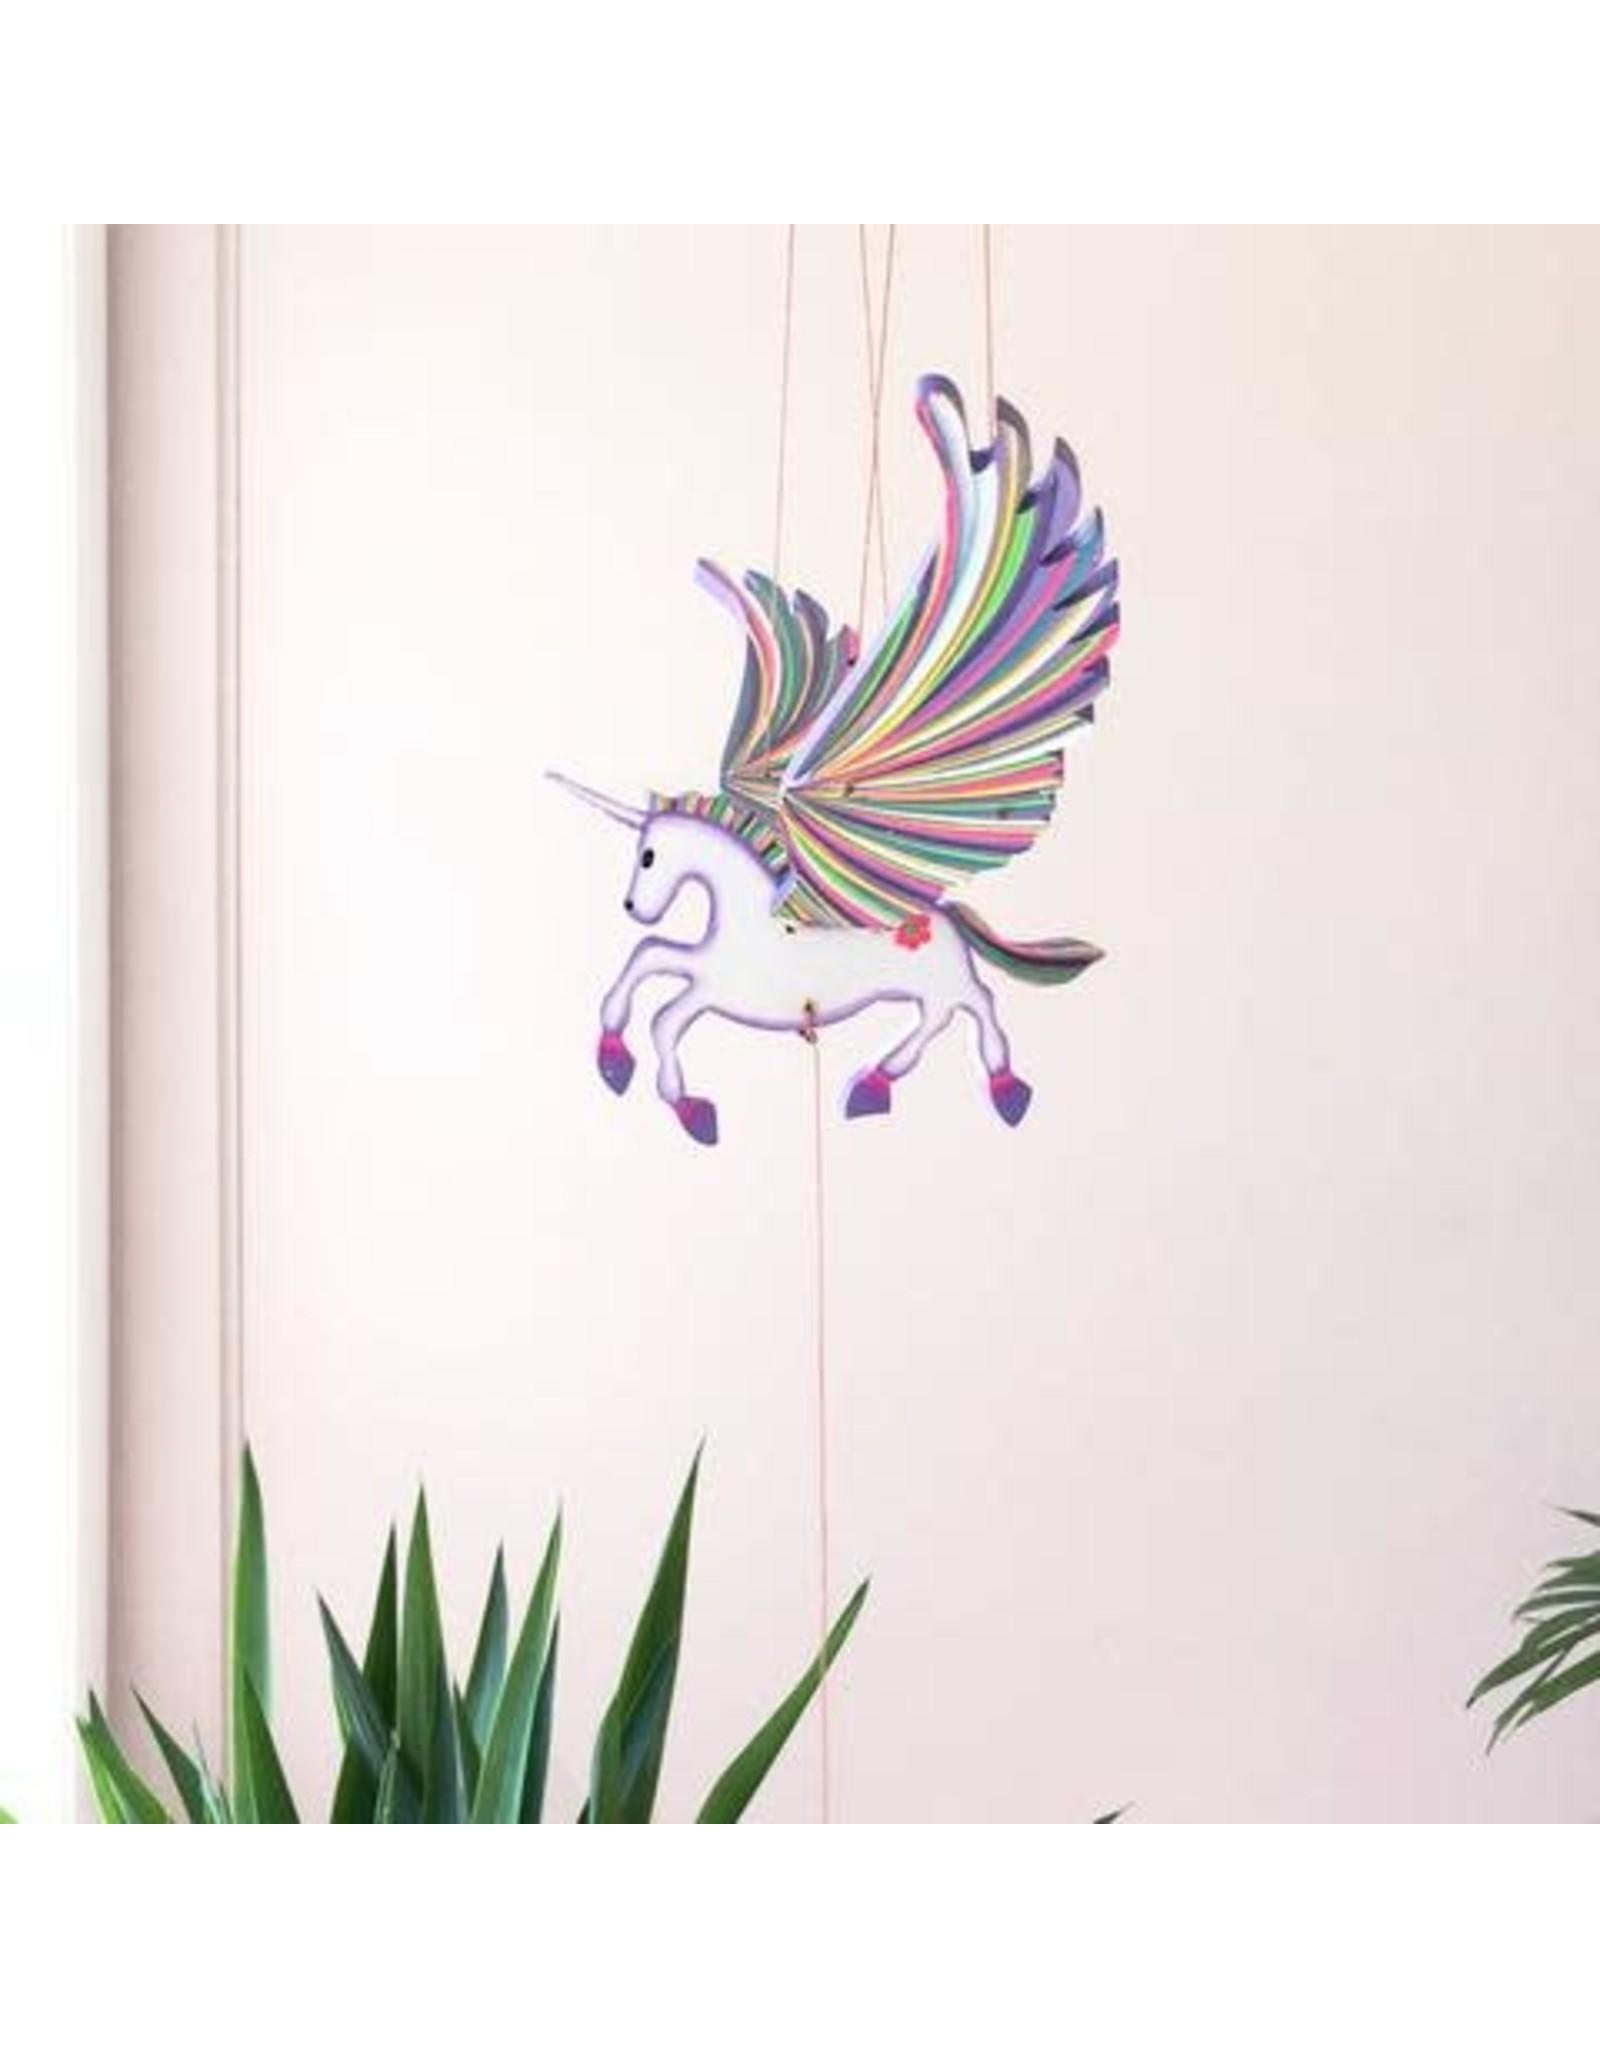 Tulia's Medium Unicorn Mobile